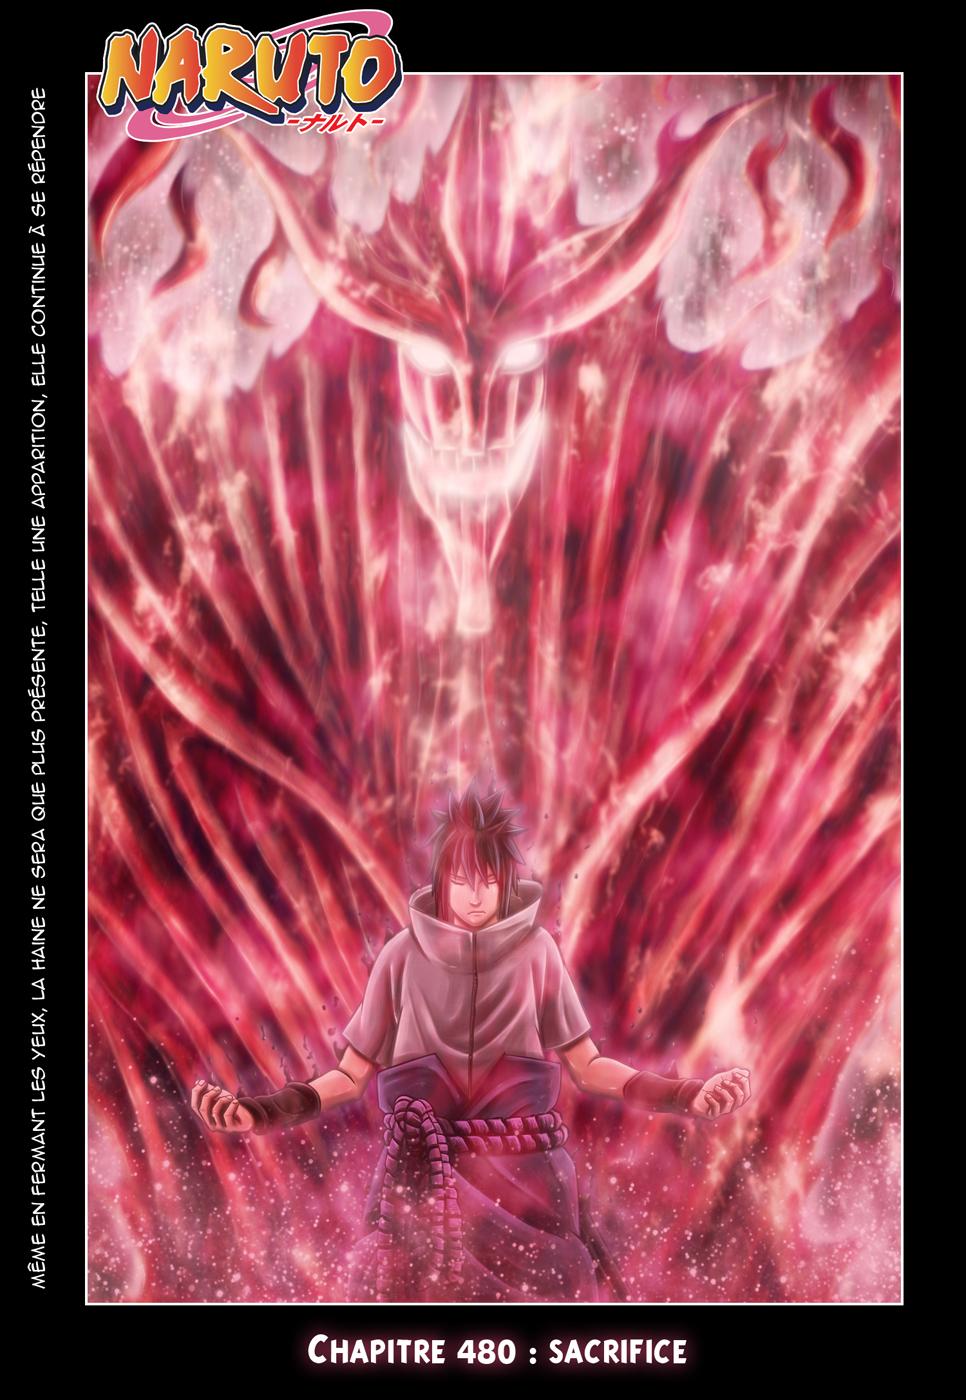 Naruto chapitre 480 colorisé - Page 1